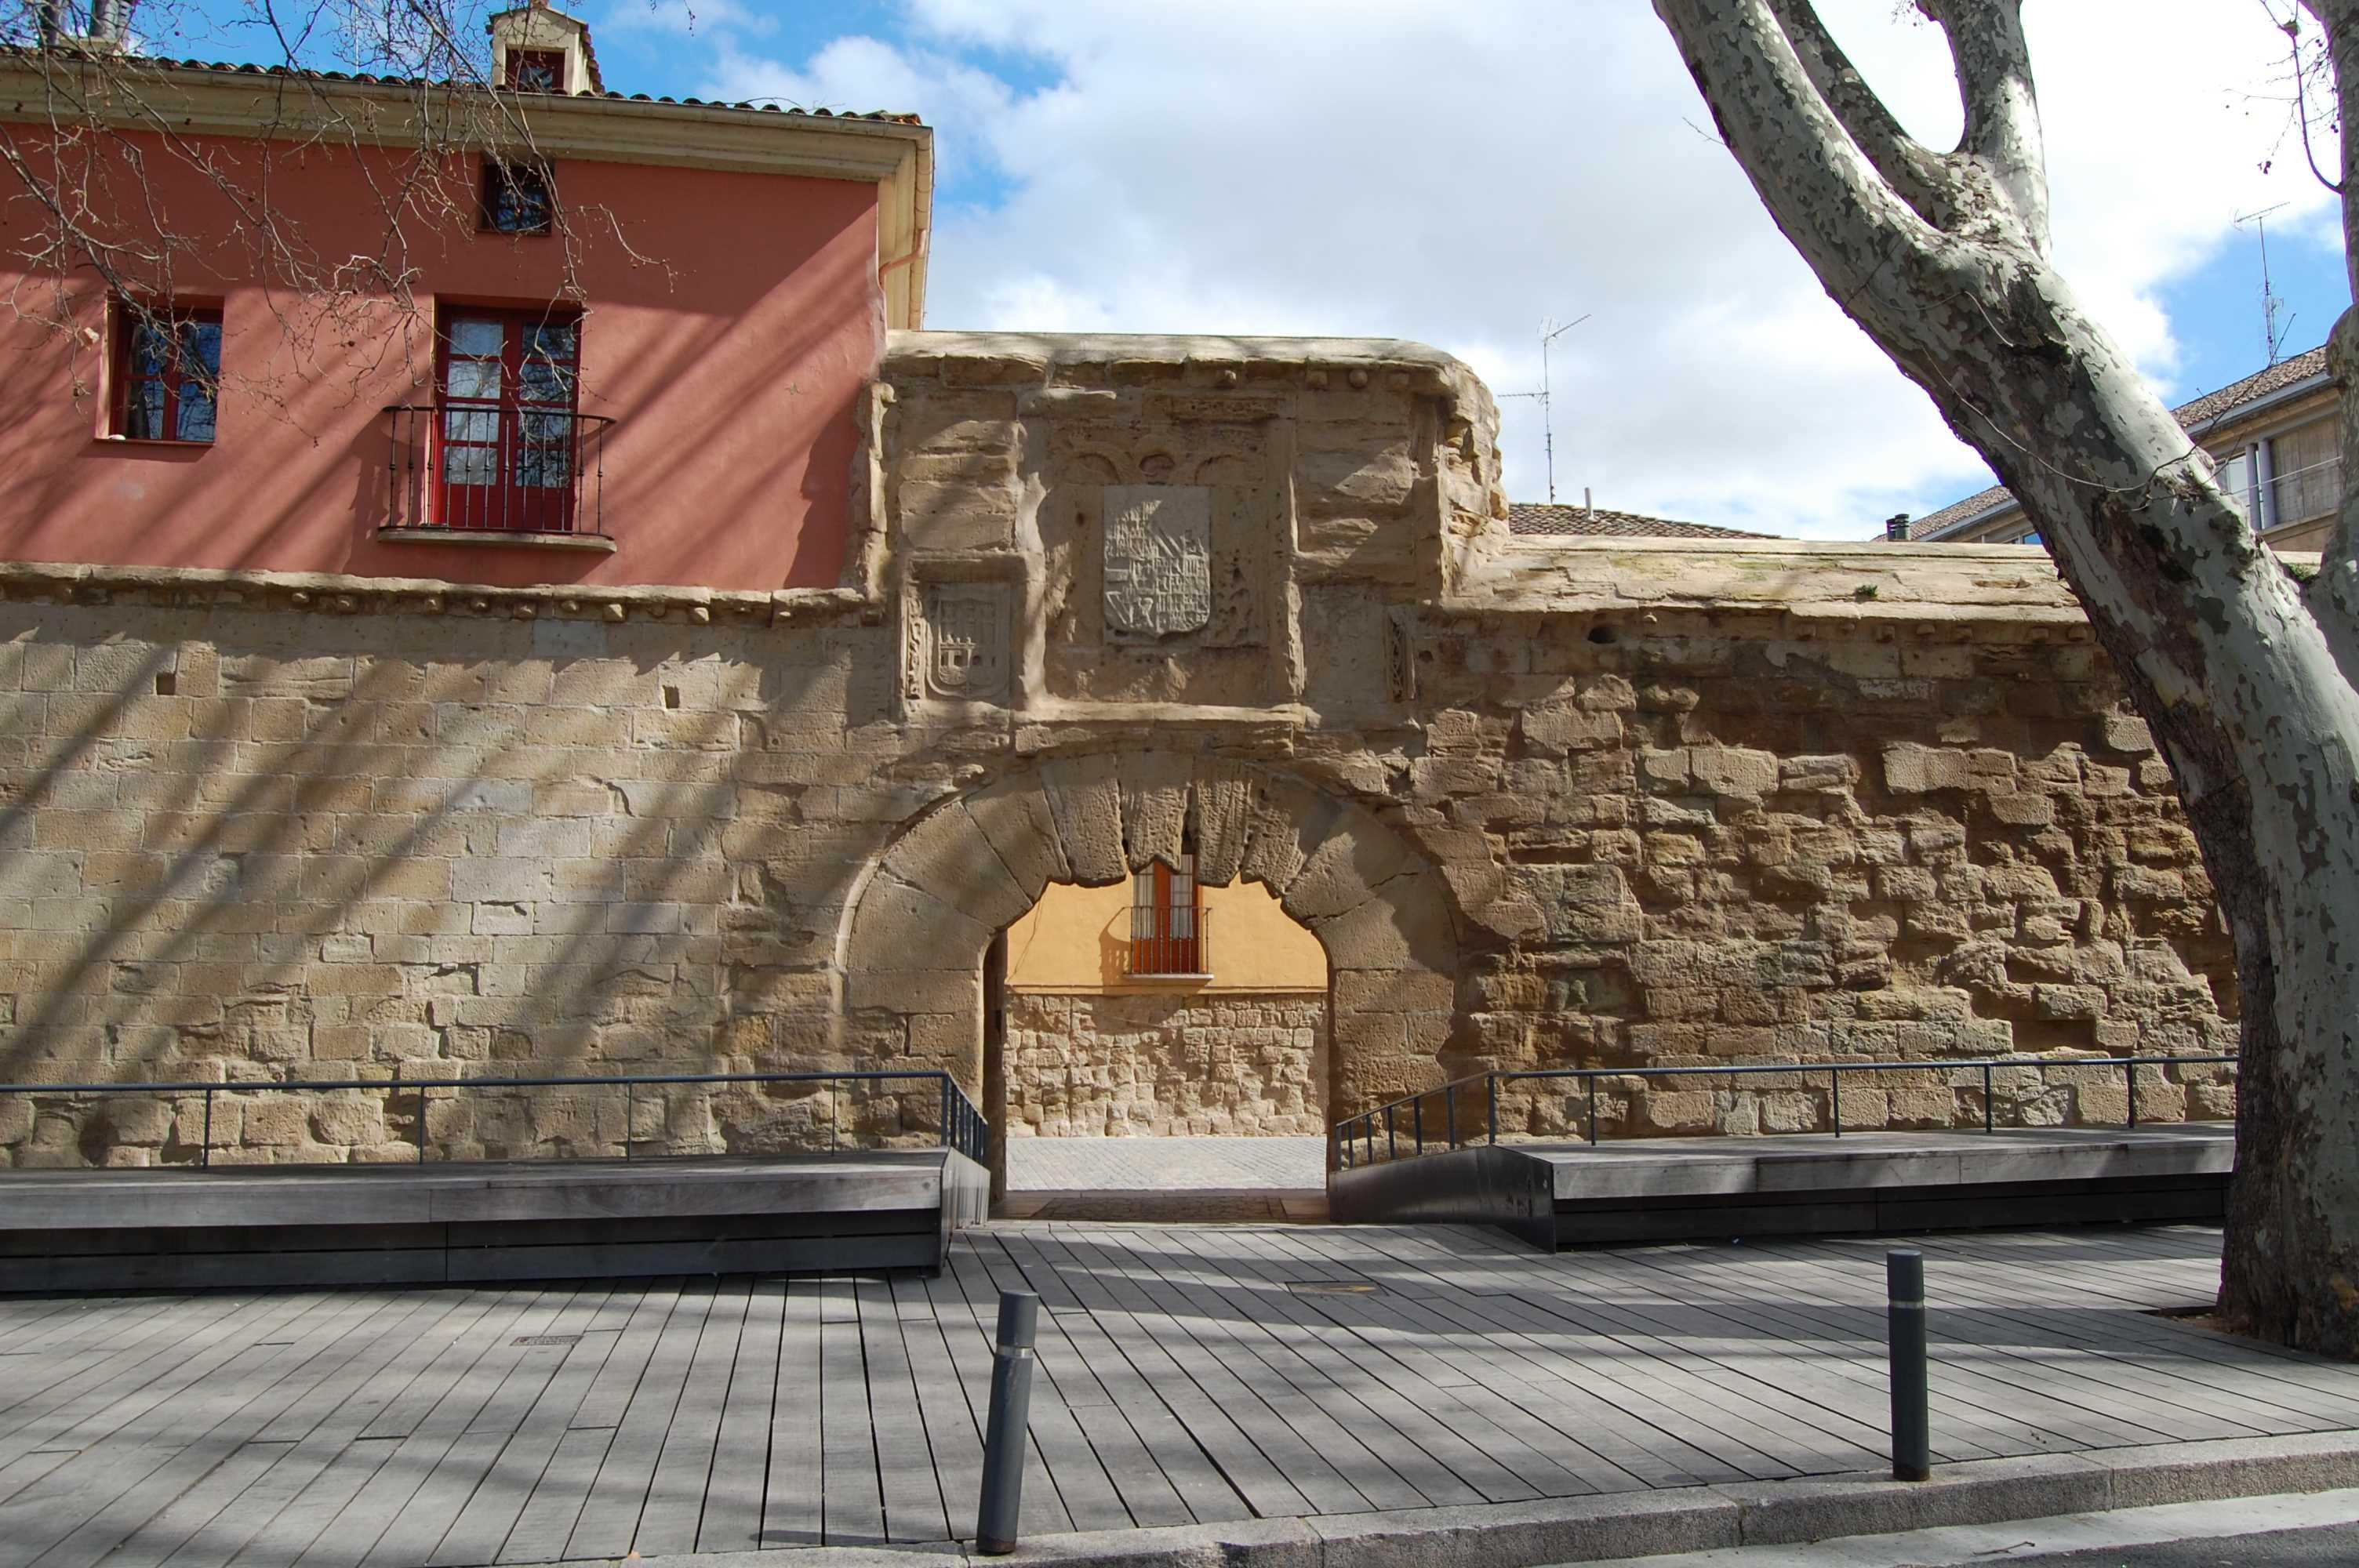 Muralla y puerta del revell n en logro o punto de inter s la rioja turismo - Oficina del consumidor logrono ...